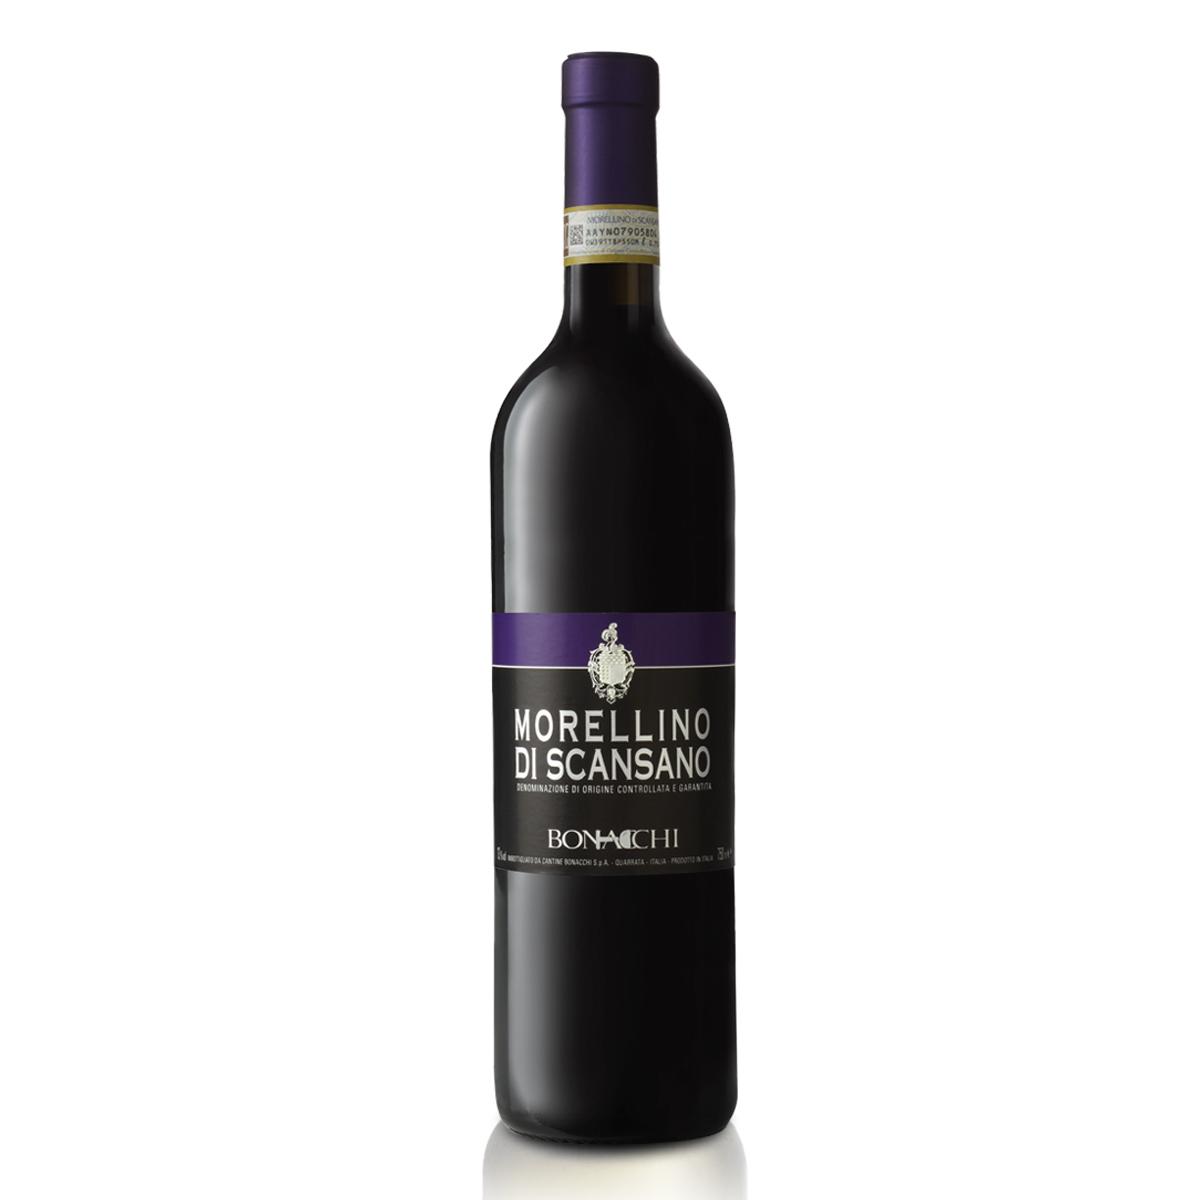 意大利蒙雷利诺·斯坎萨诺桑娇维塞干红葡萄酒红酒